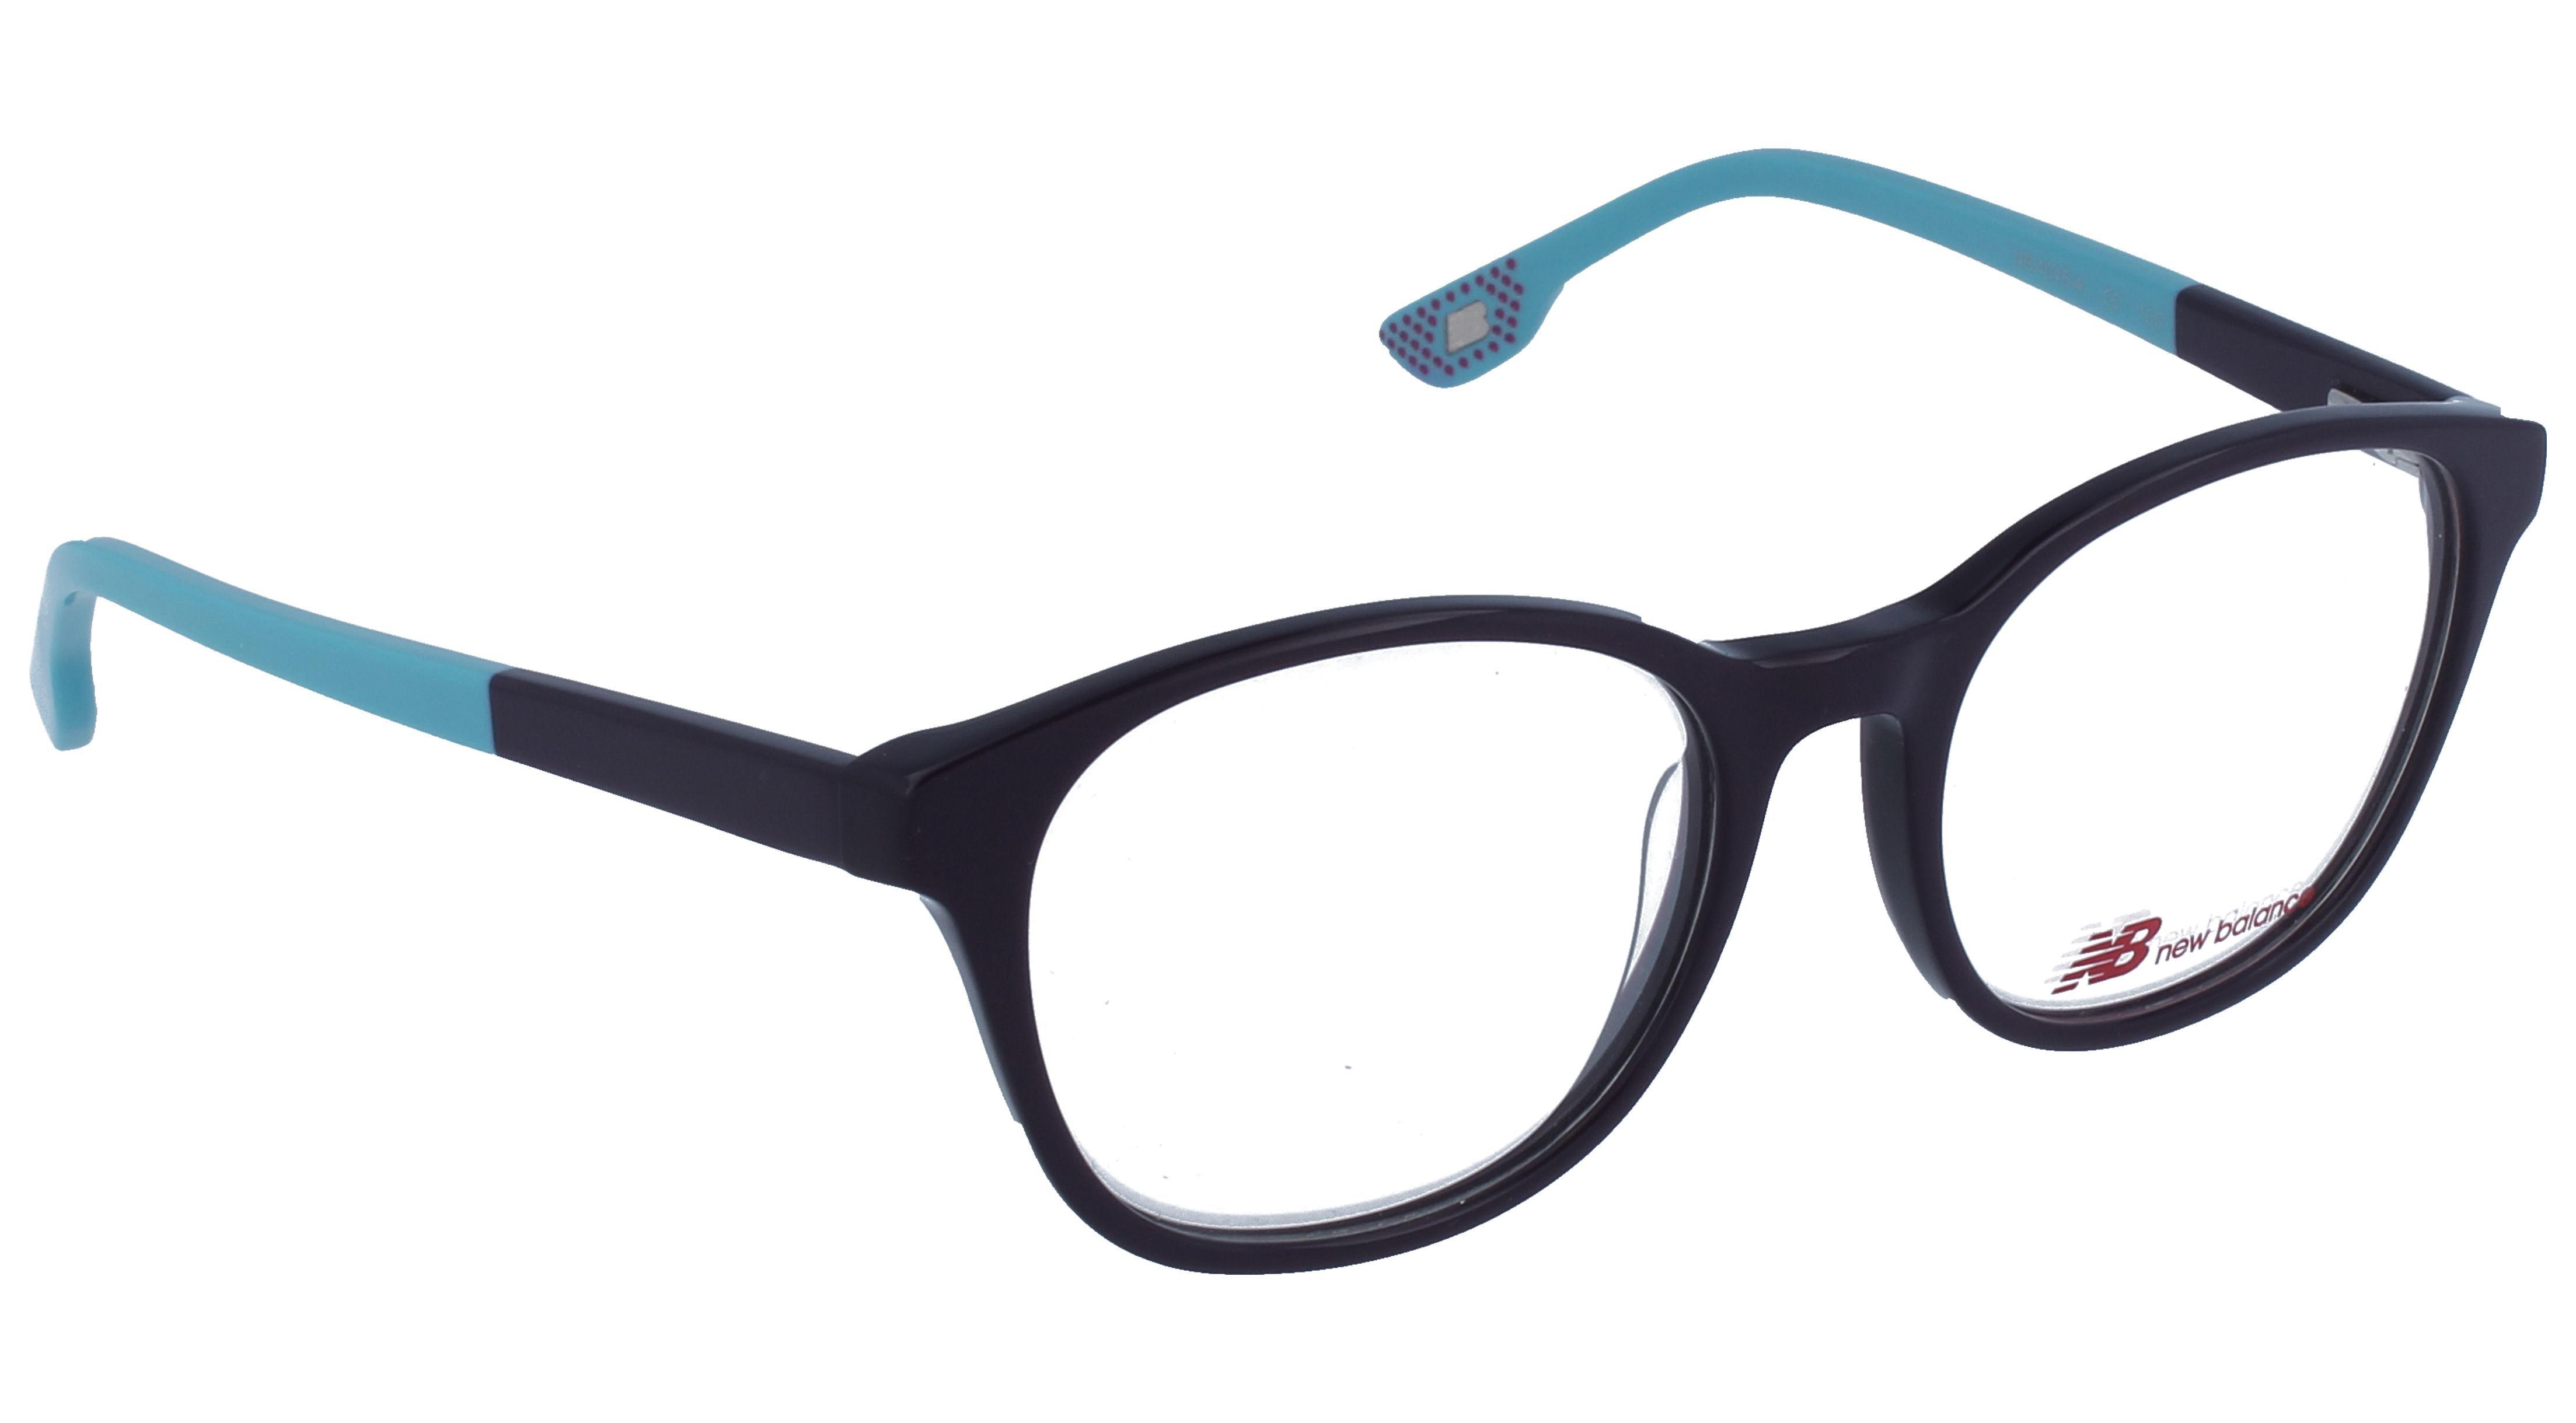 occhiali new balance